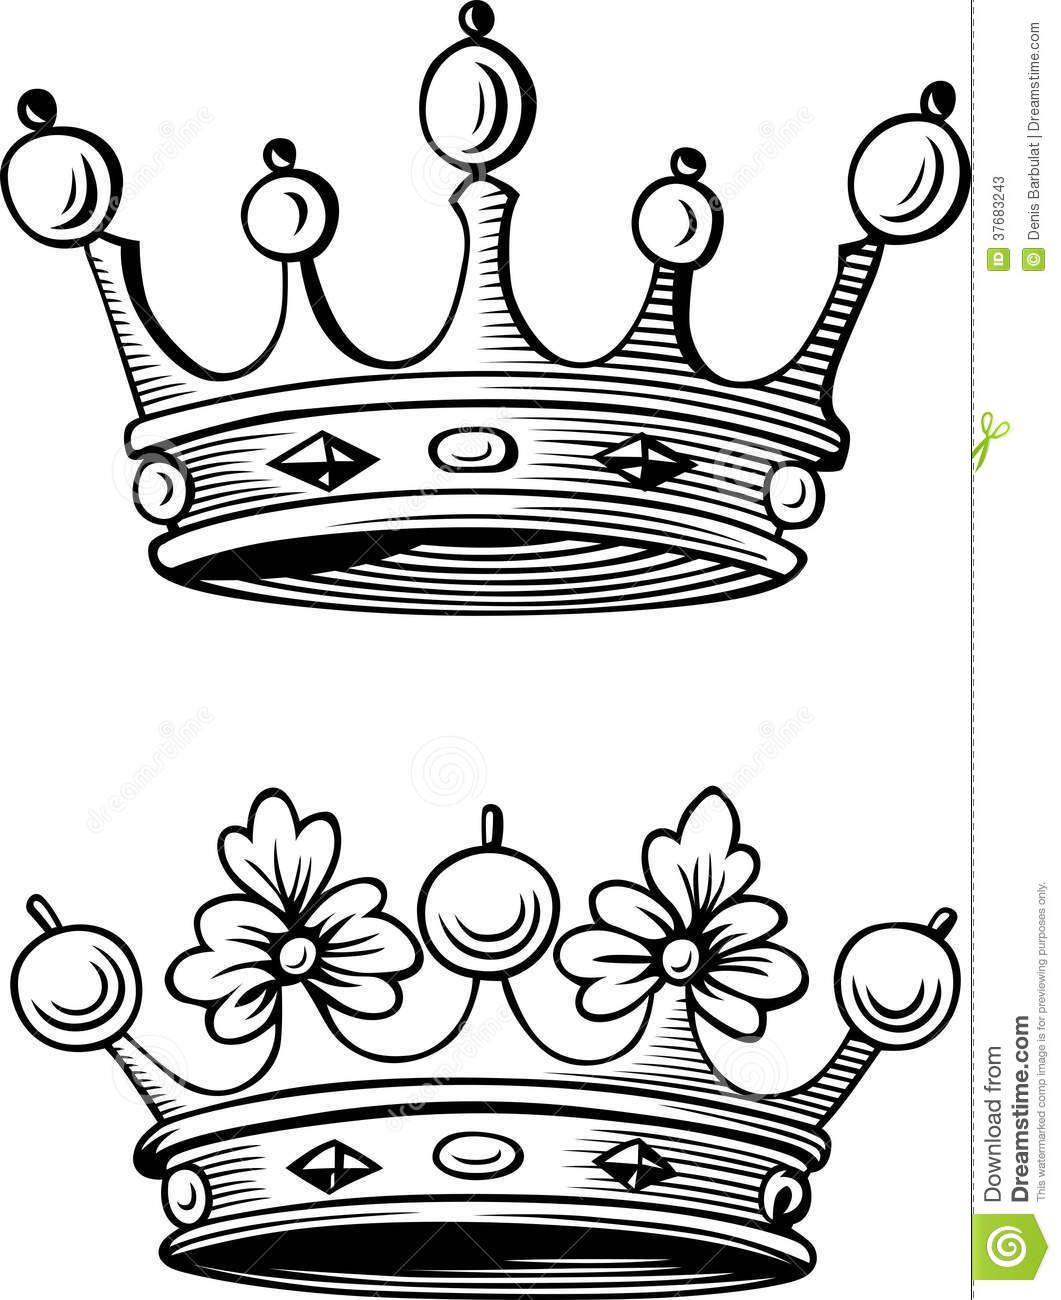 Resultado de imagen para coronas rey y reina | ideas ...